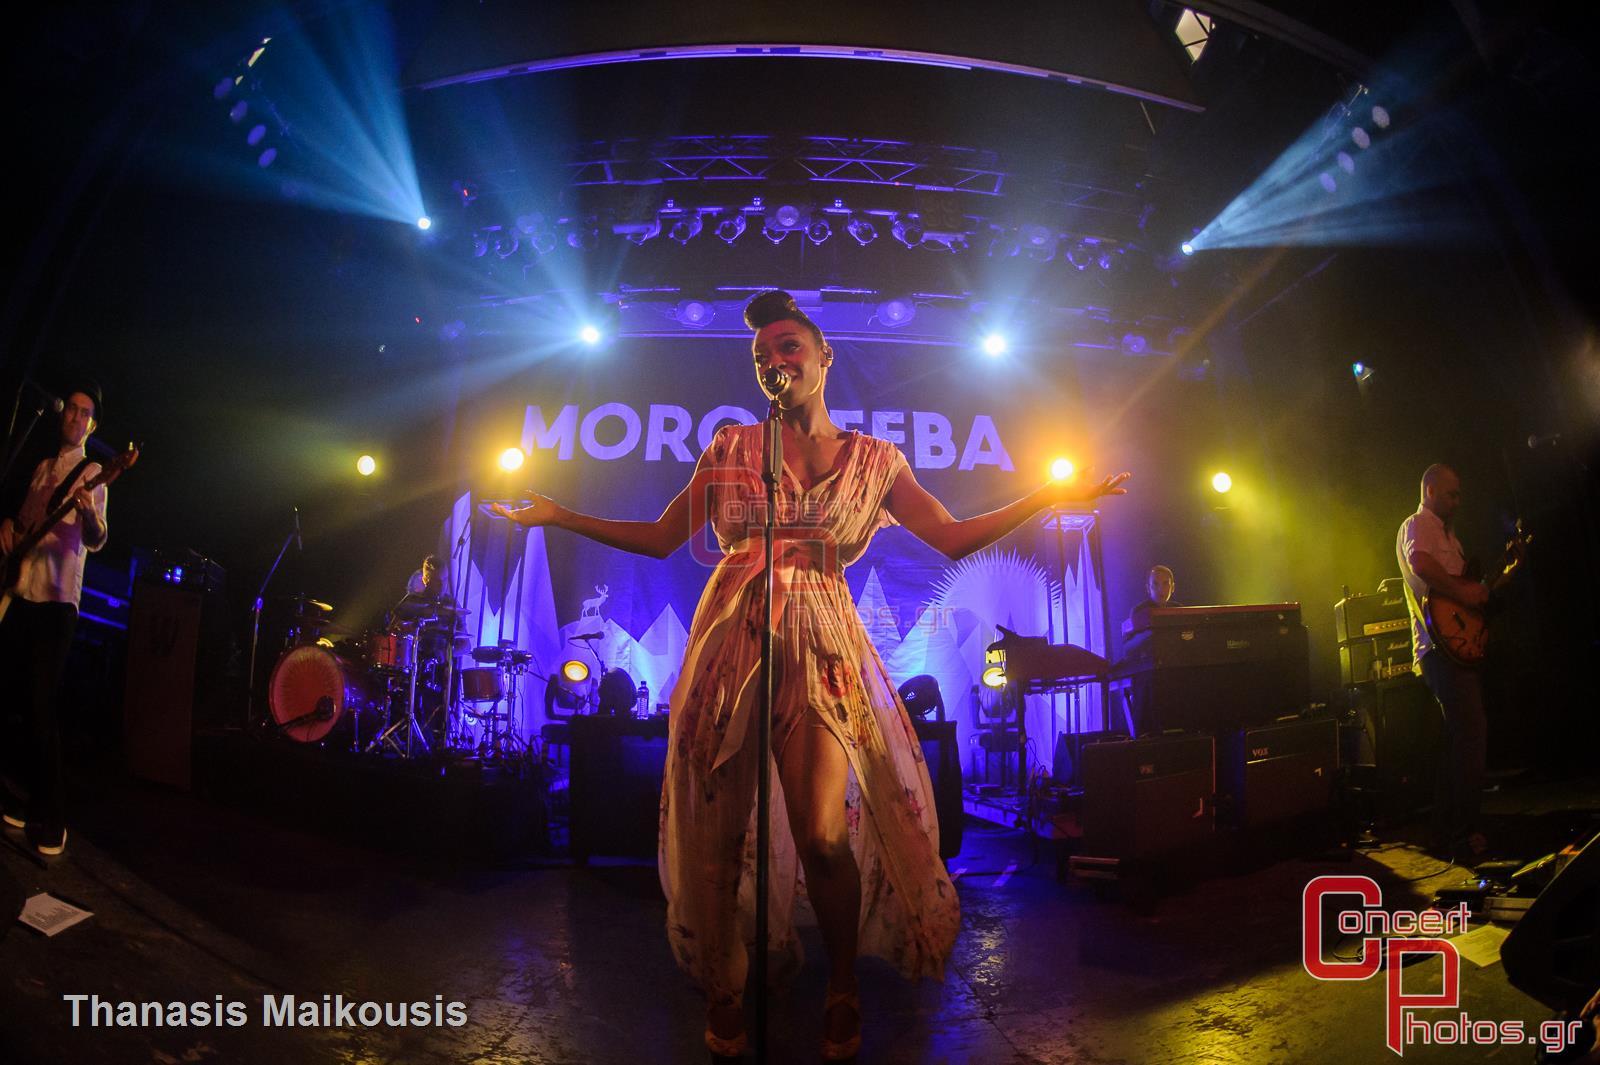 Morcheeba-Morcheeba Gagarin photographer: Thanasis Maikousis - ConcertPhotos-1502